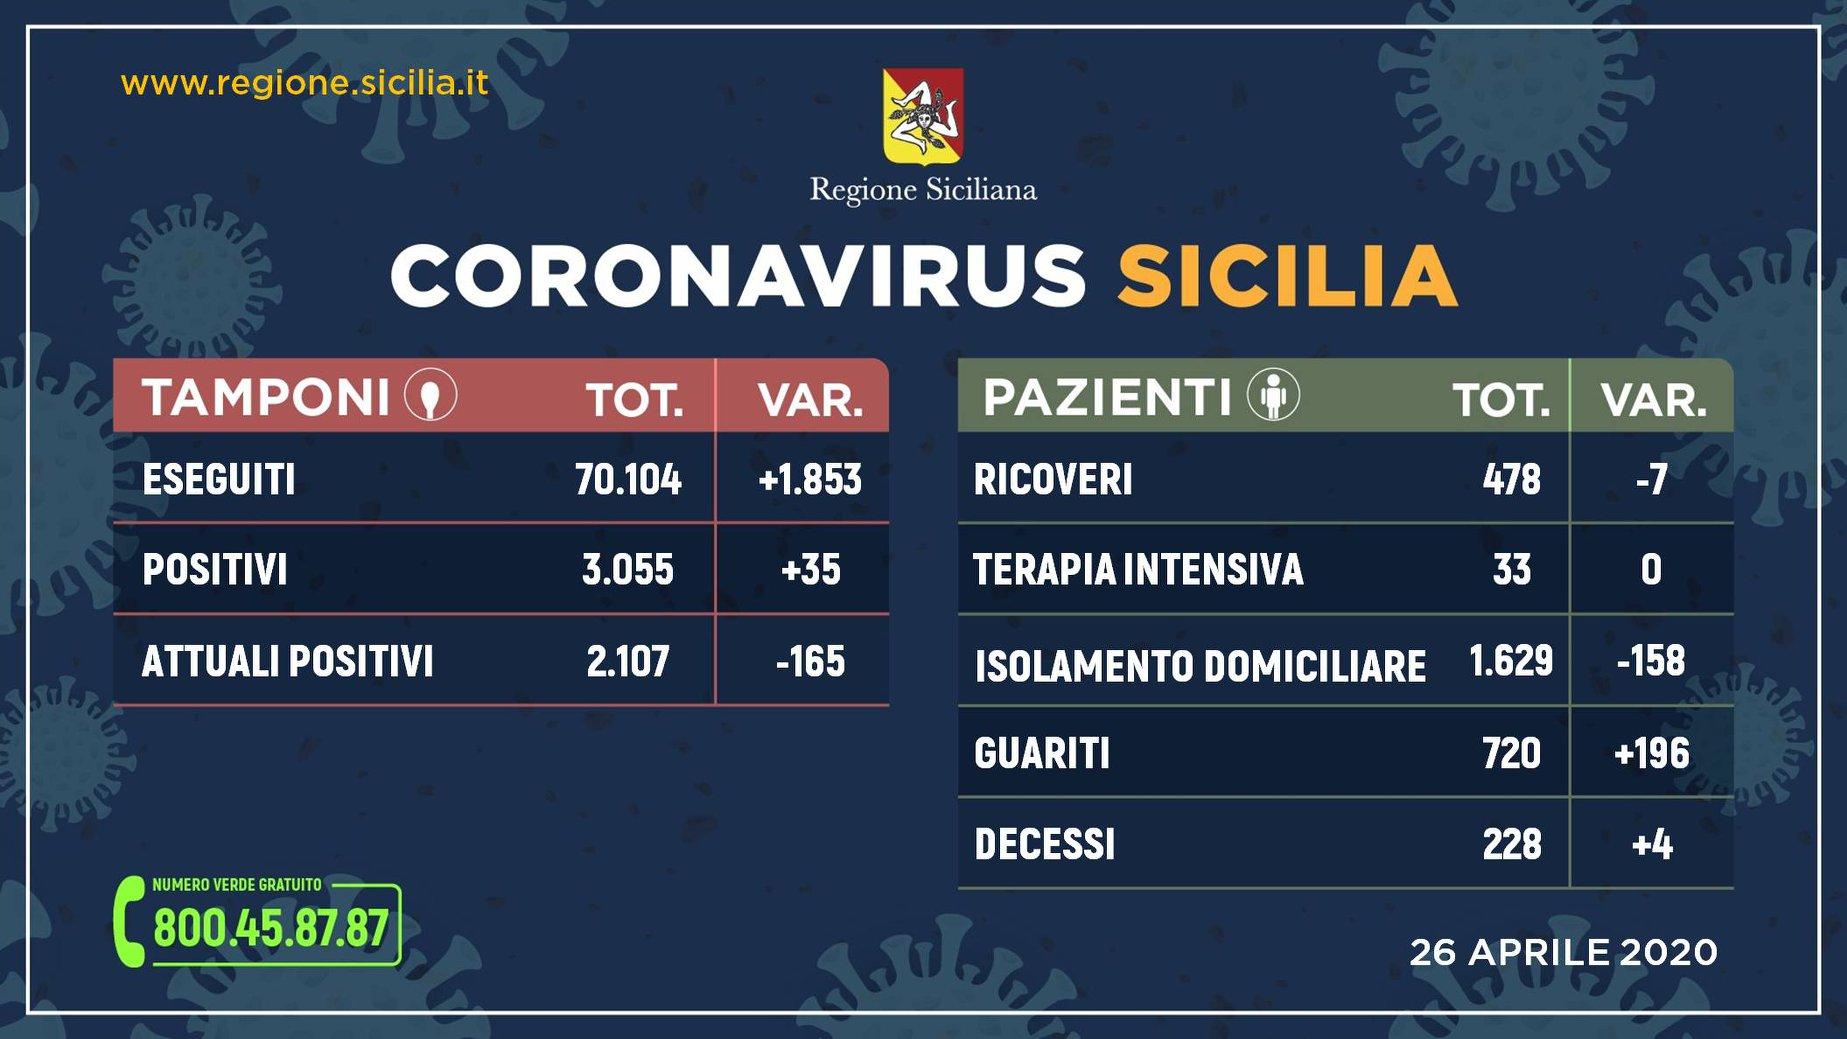 Coronavirus, ancora in calo i contagi in Sicilia: in un giorno 196 guariti